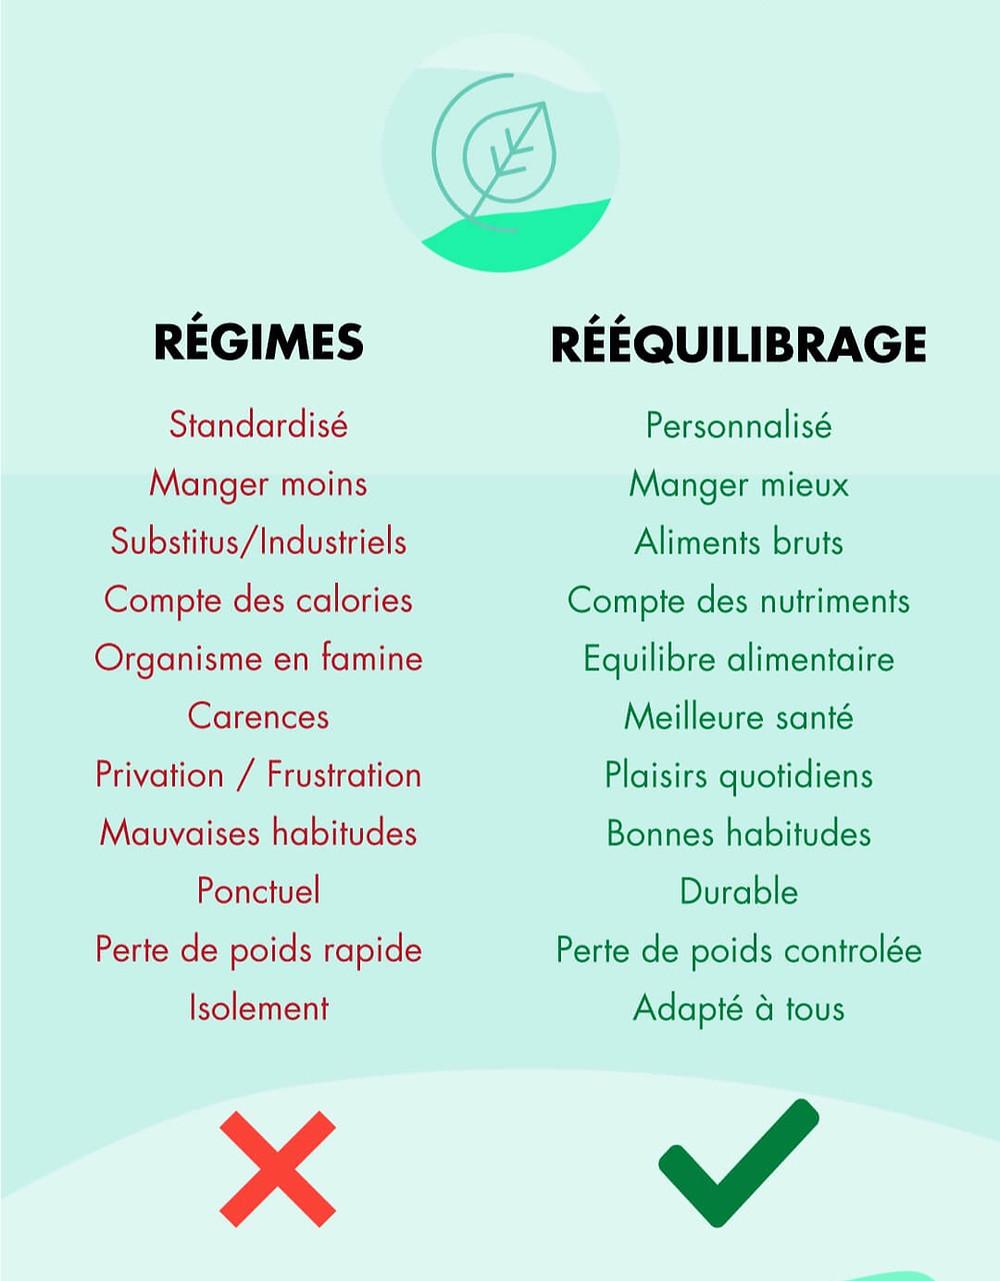 différence régime et rééquilibrage alimentaire